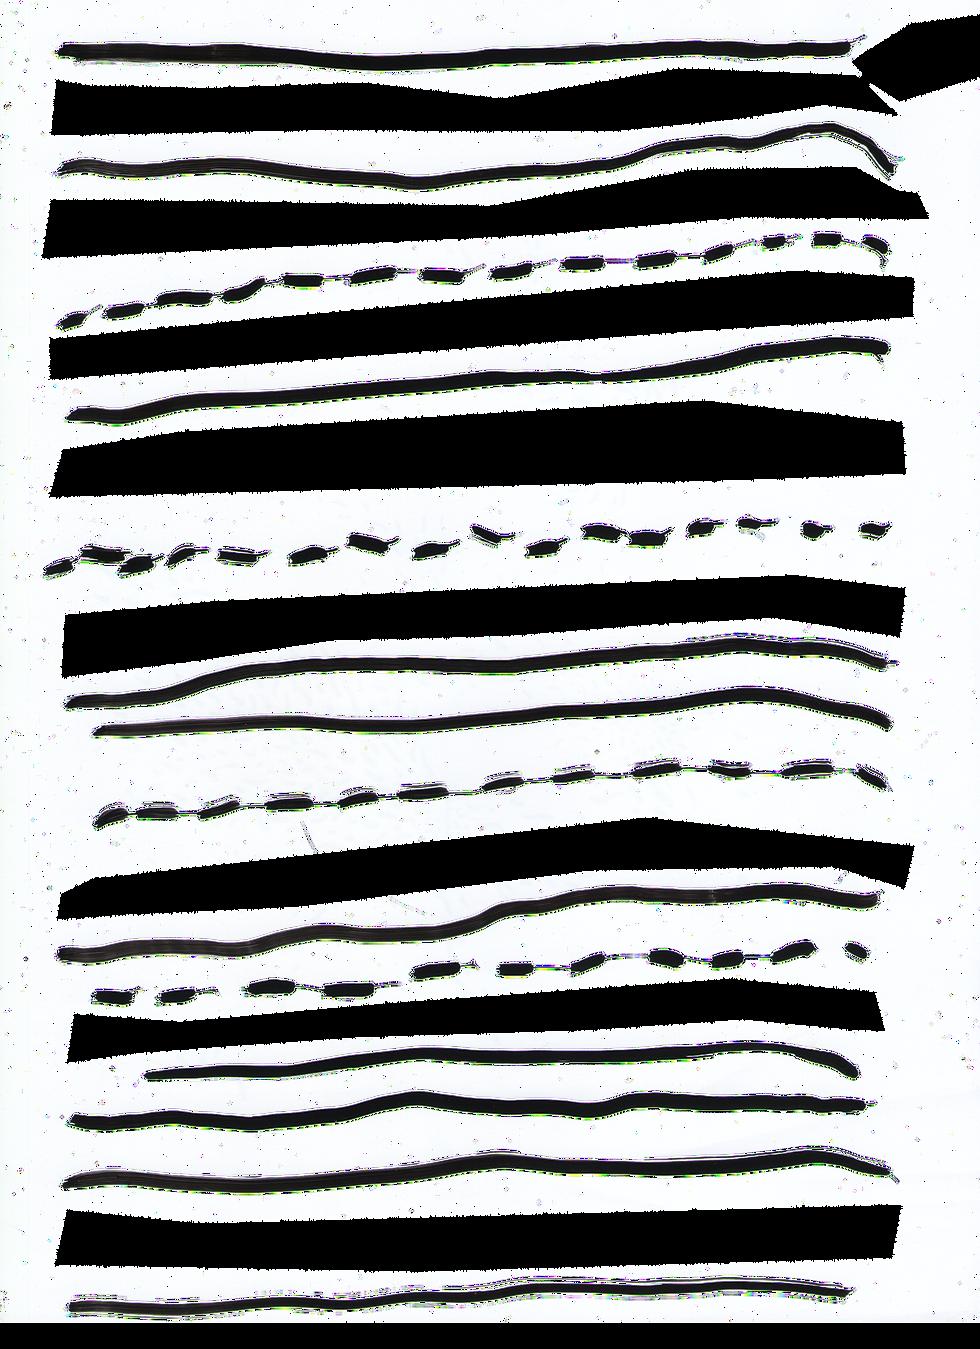 linhas-preto.png